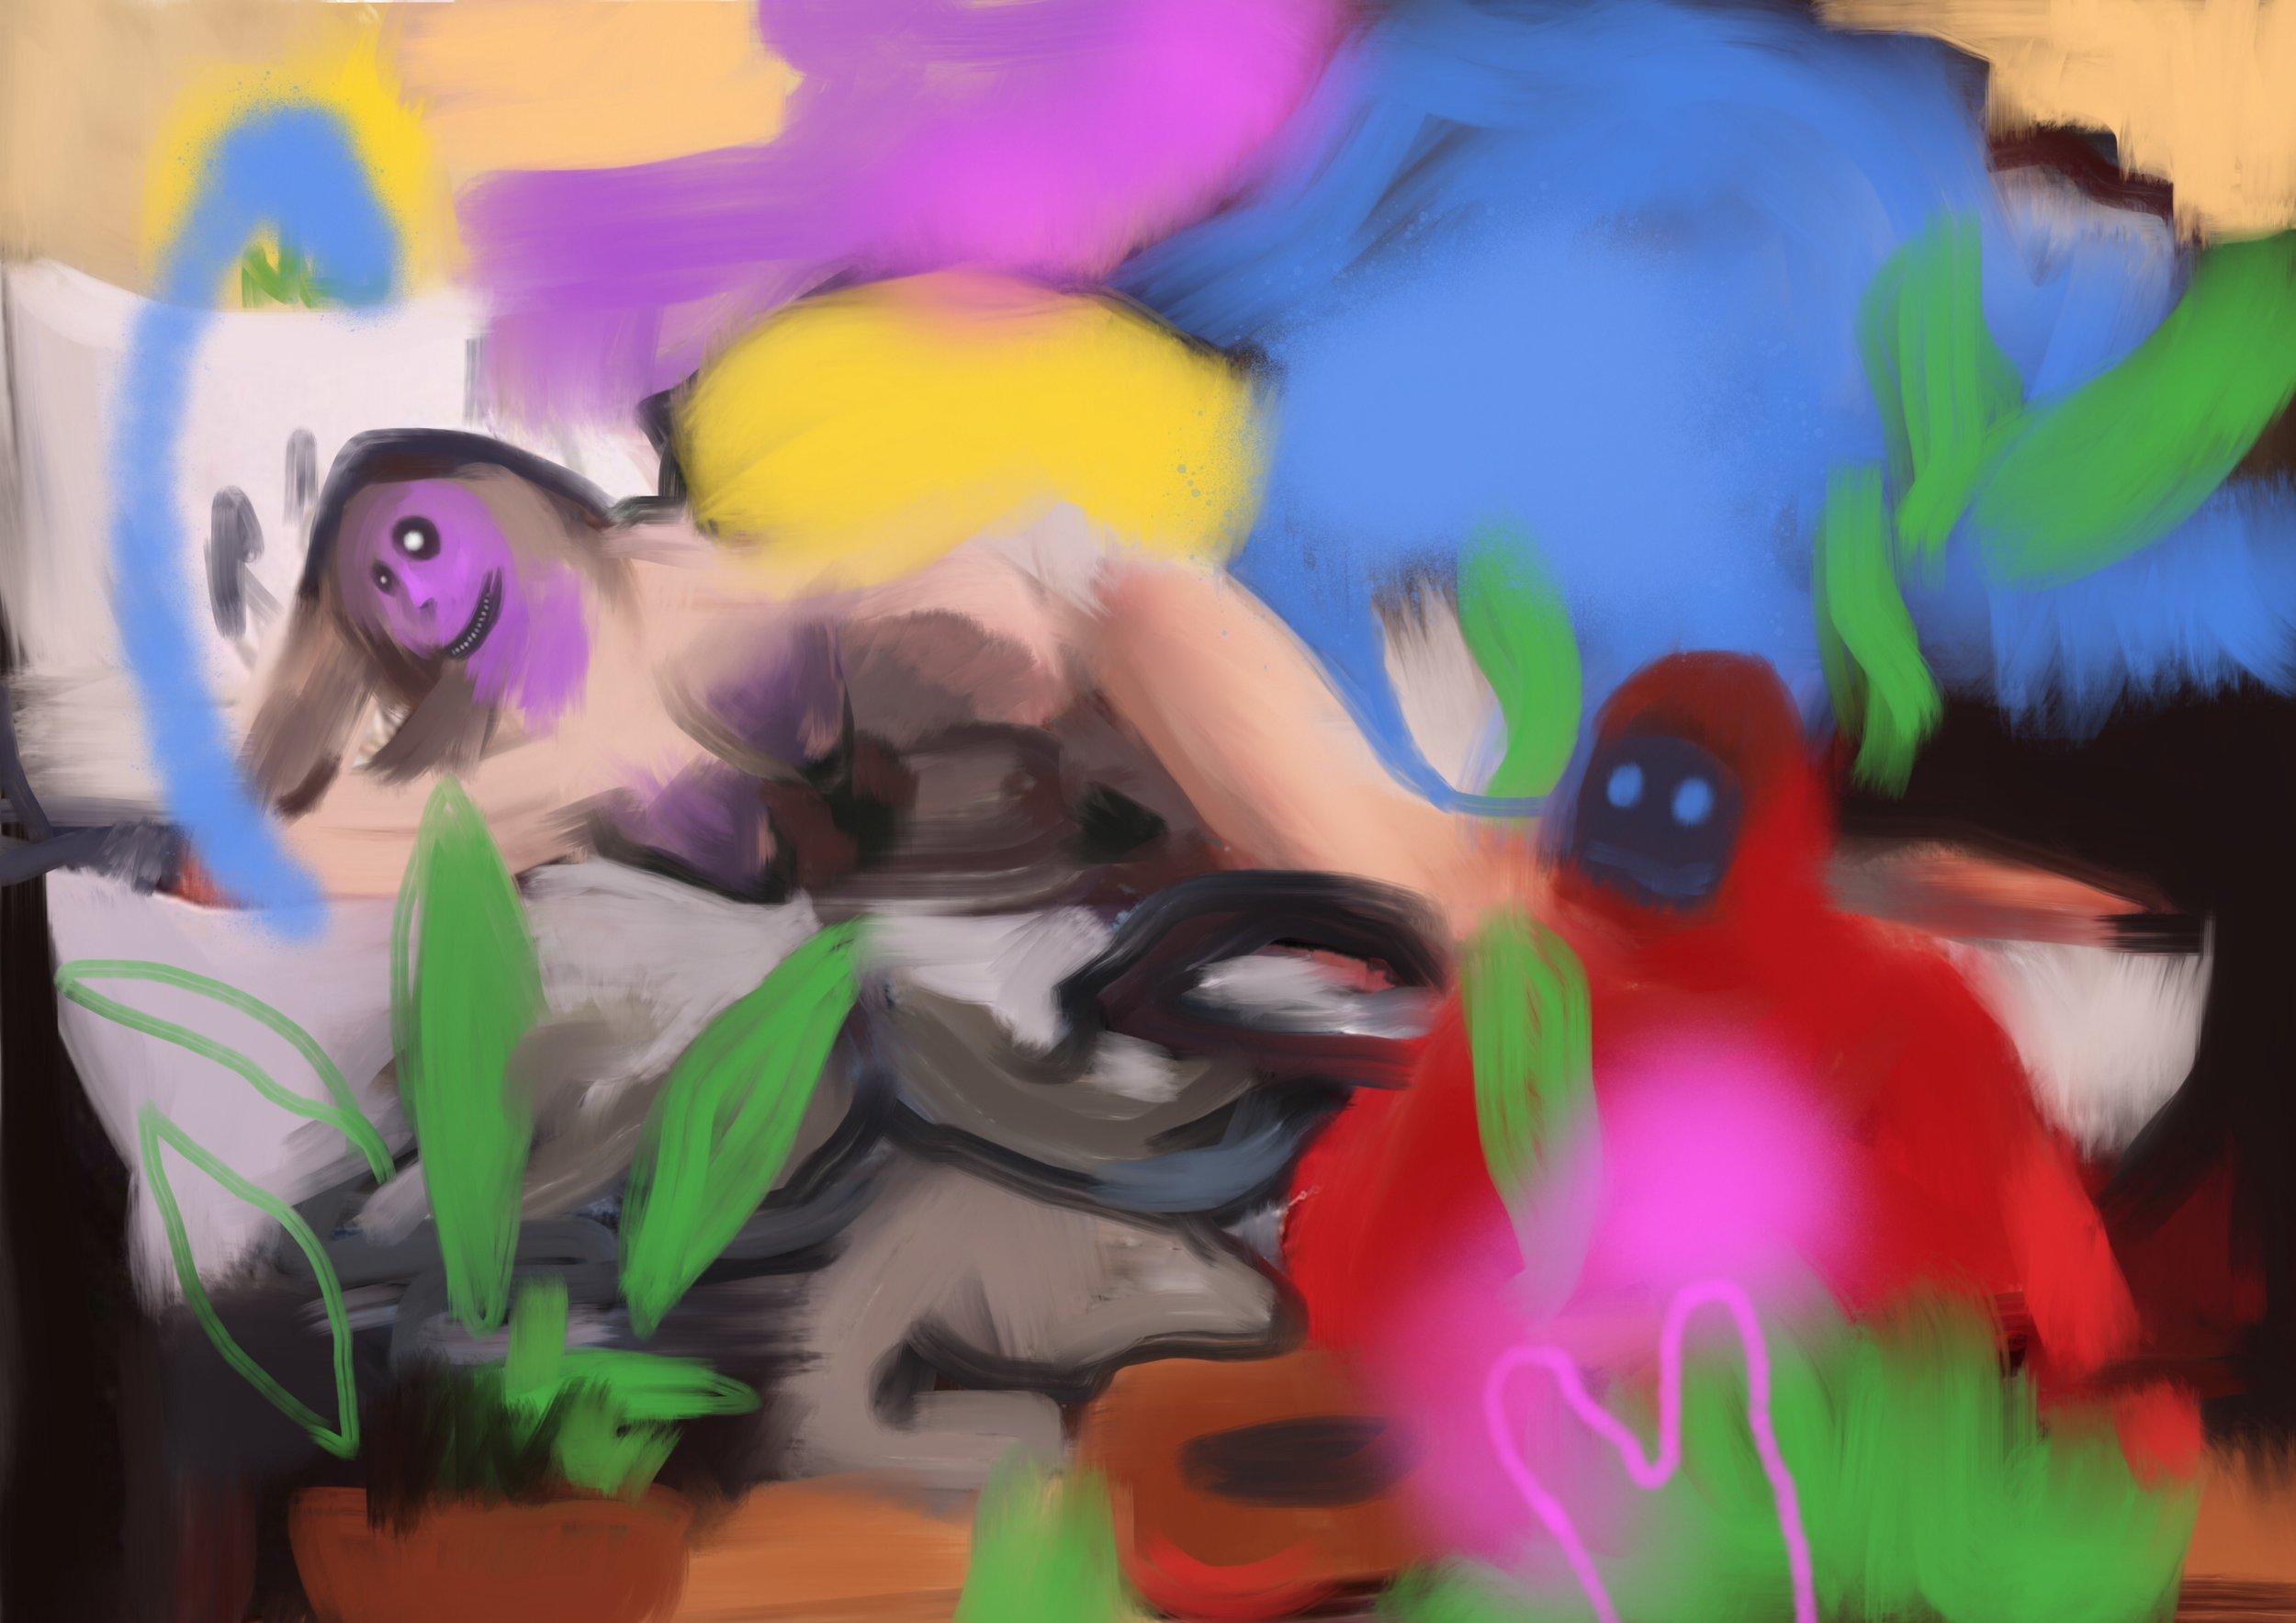 odalisque 3, acrylic on canvas, 80x120cm